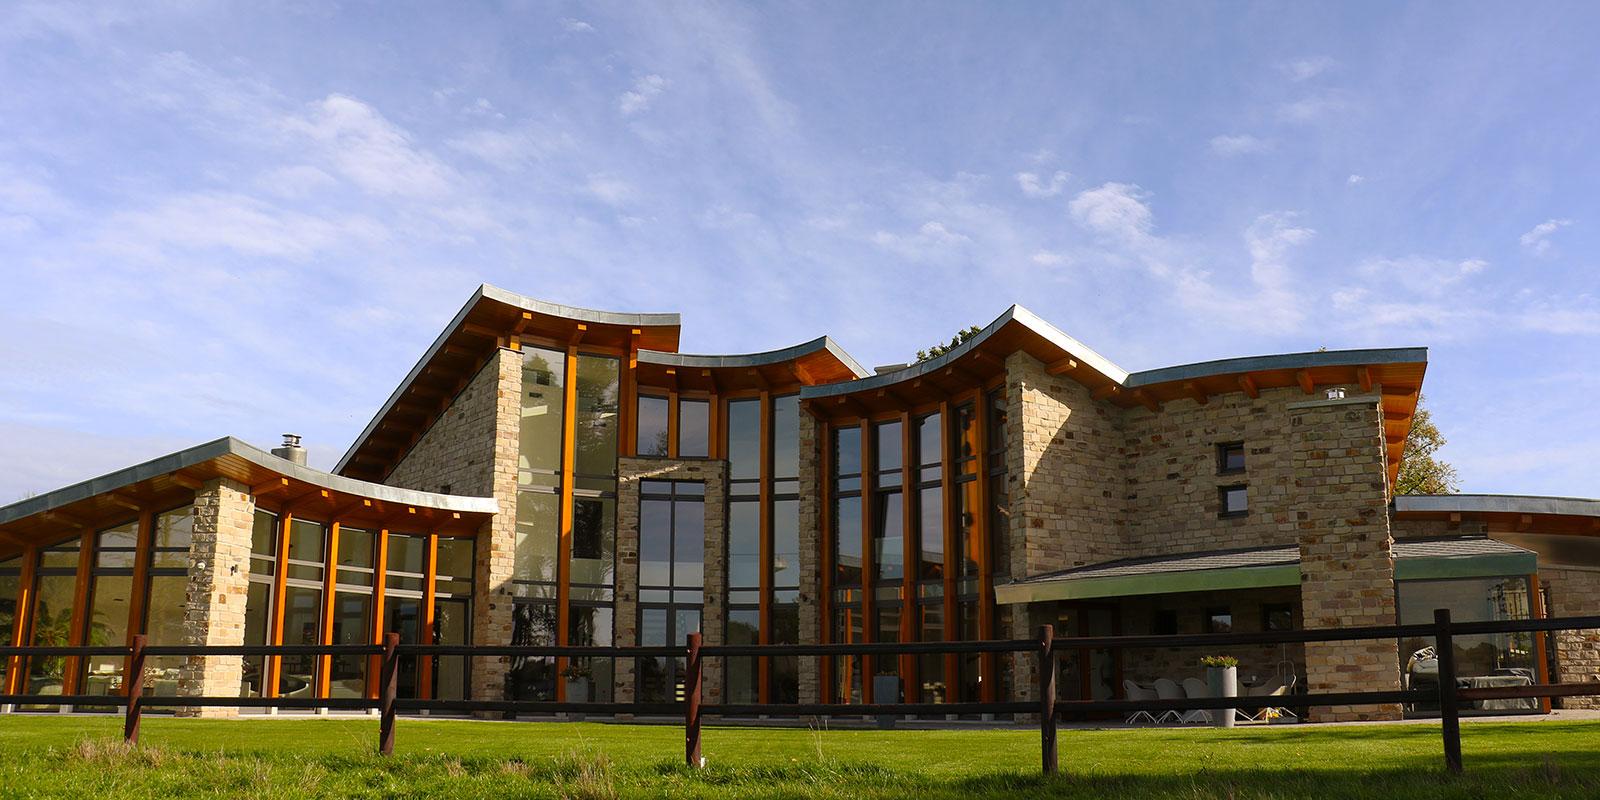 Kwaliteit natuursteen in zijn puurste vorm, Michel Oprey & Beisterveld, natuursteen, keramiek